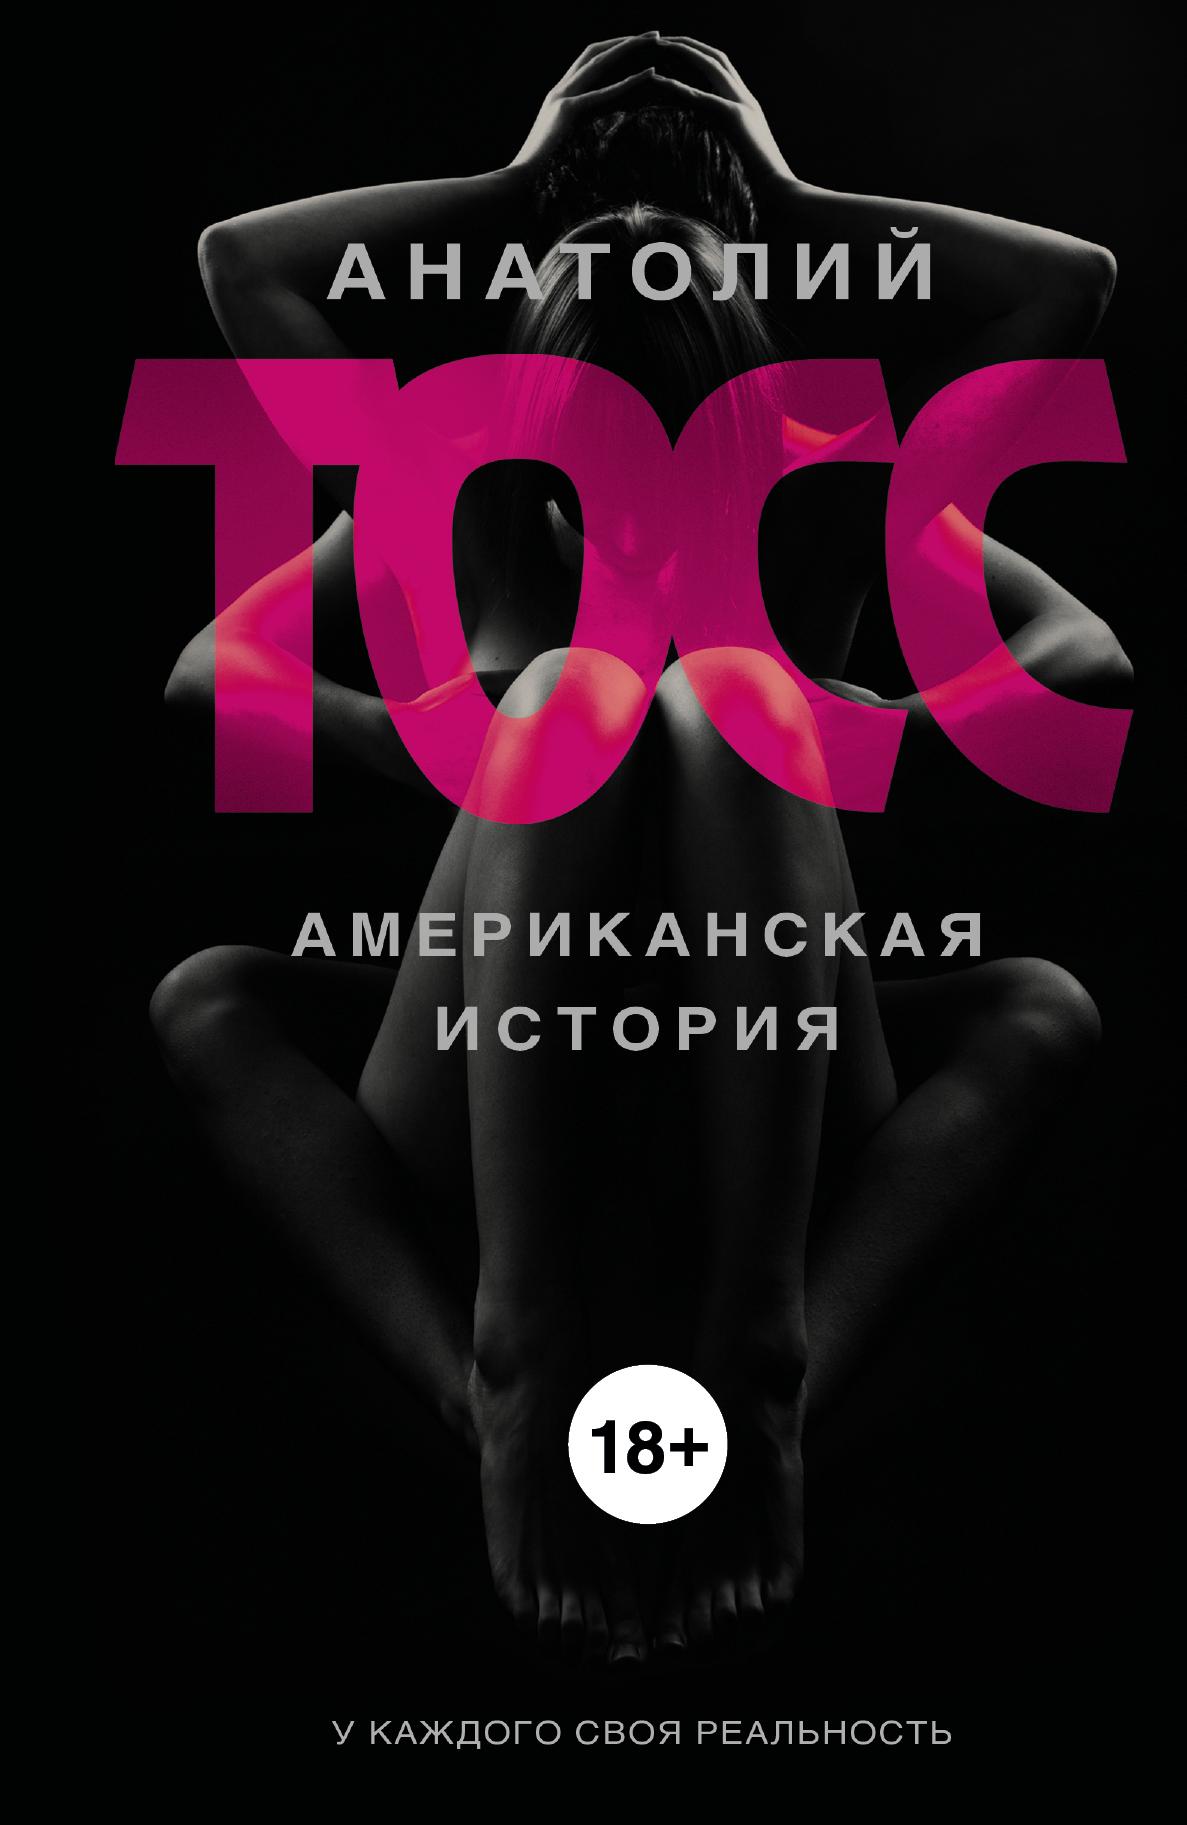 Анатолий Тосс Американская история всё о золушке 2019 02 14t19 00